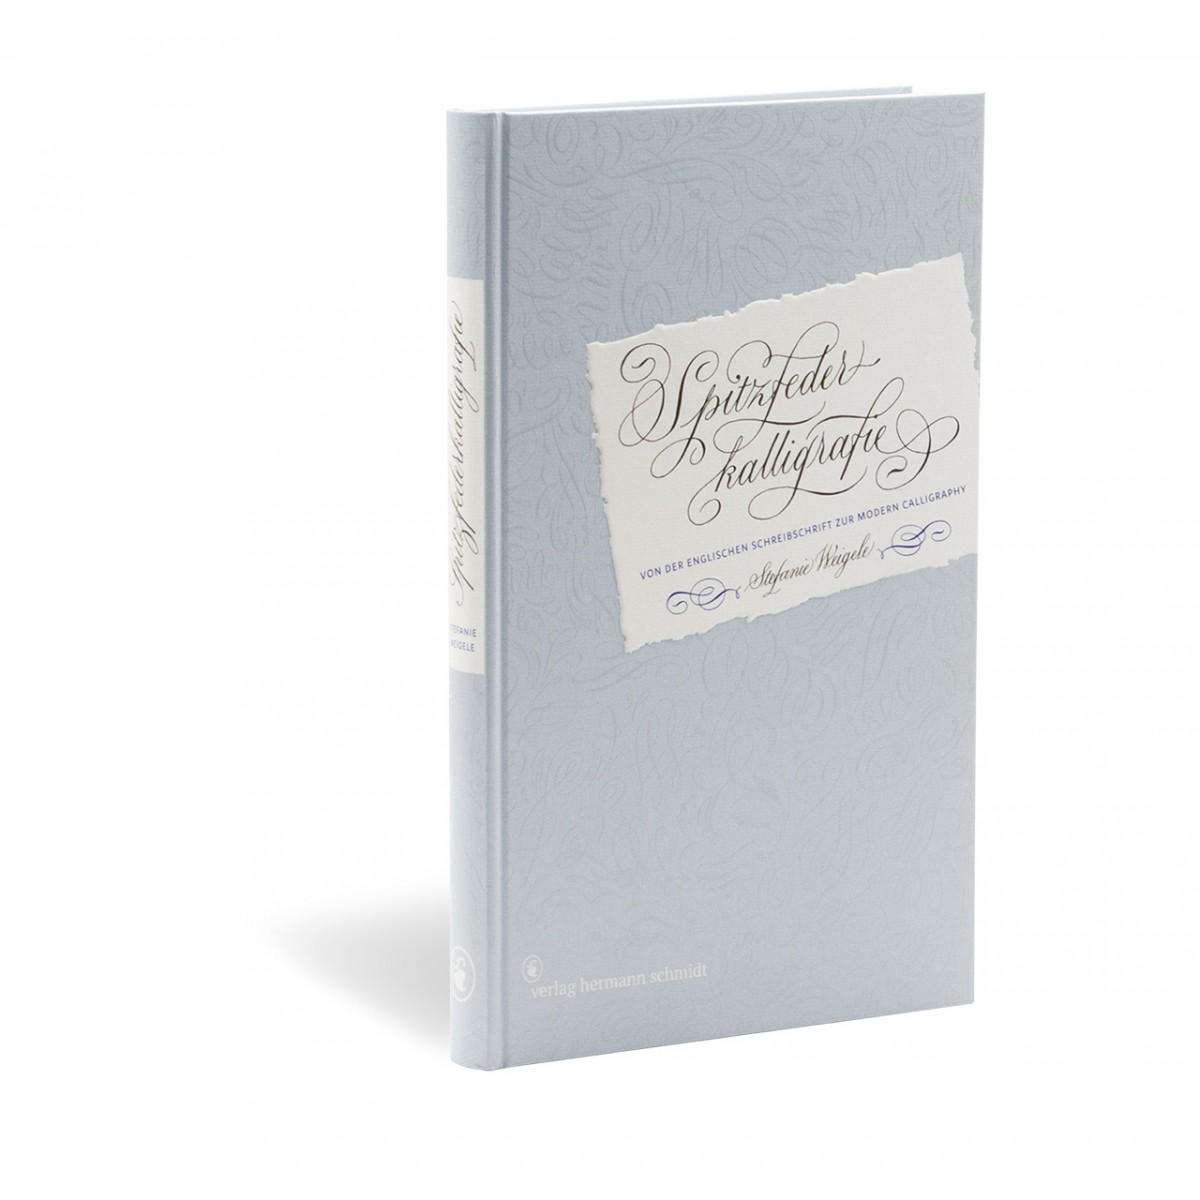 Stefanie Weigele »Spitzfederkalligrafie – Von der Englischen Schreibschrift zur Modern Calligraphy«